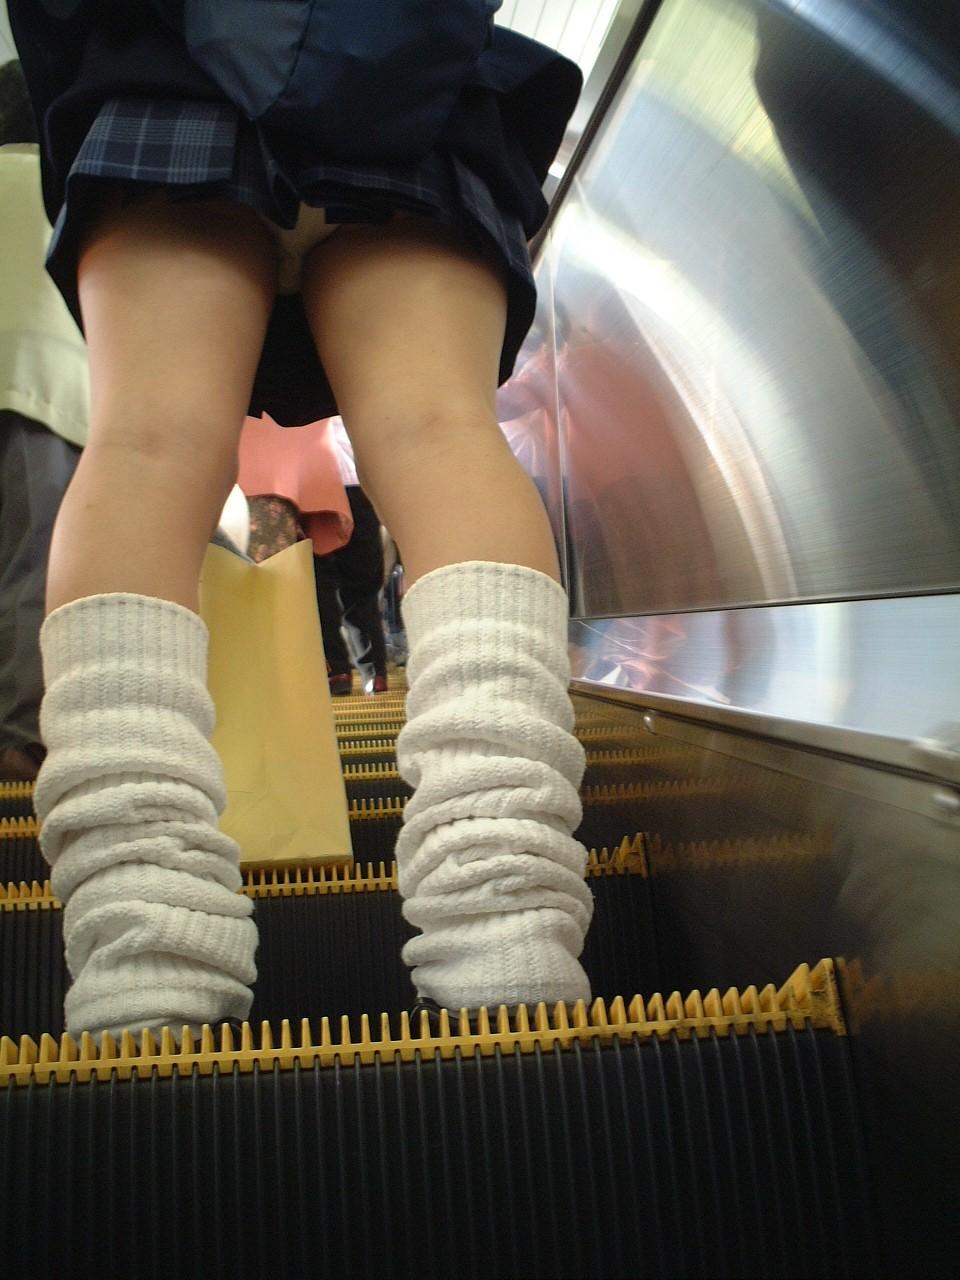 【JKパンチラ画像】短いスカートで無自覚に挑発してくるJKのパンチラ画像 02